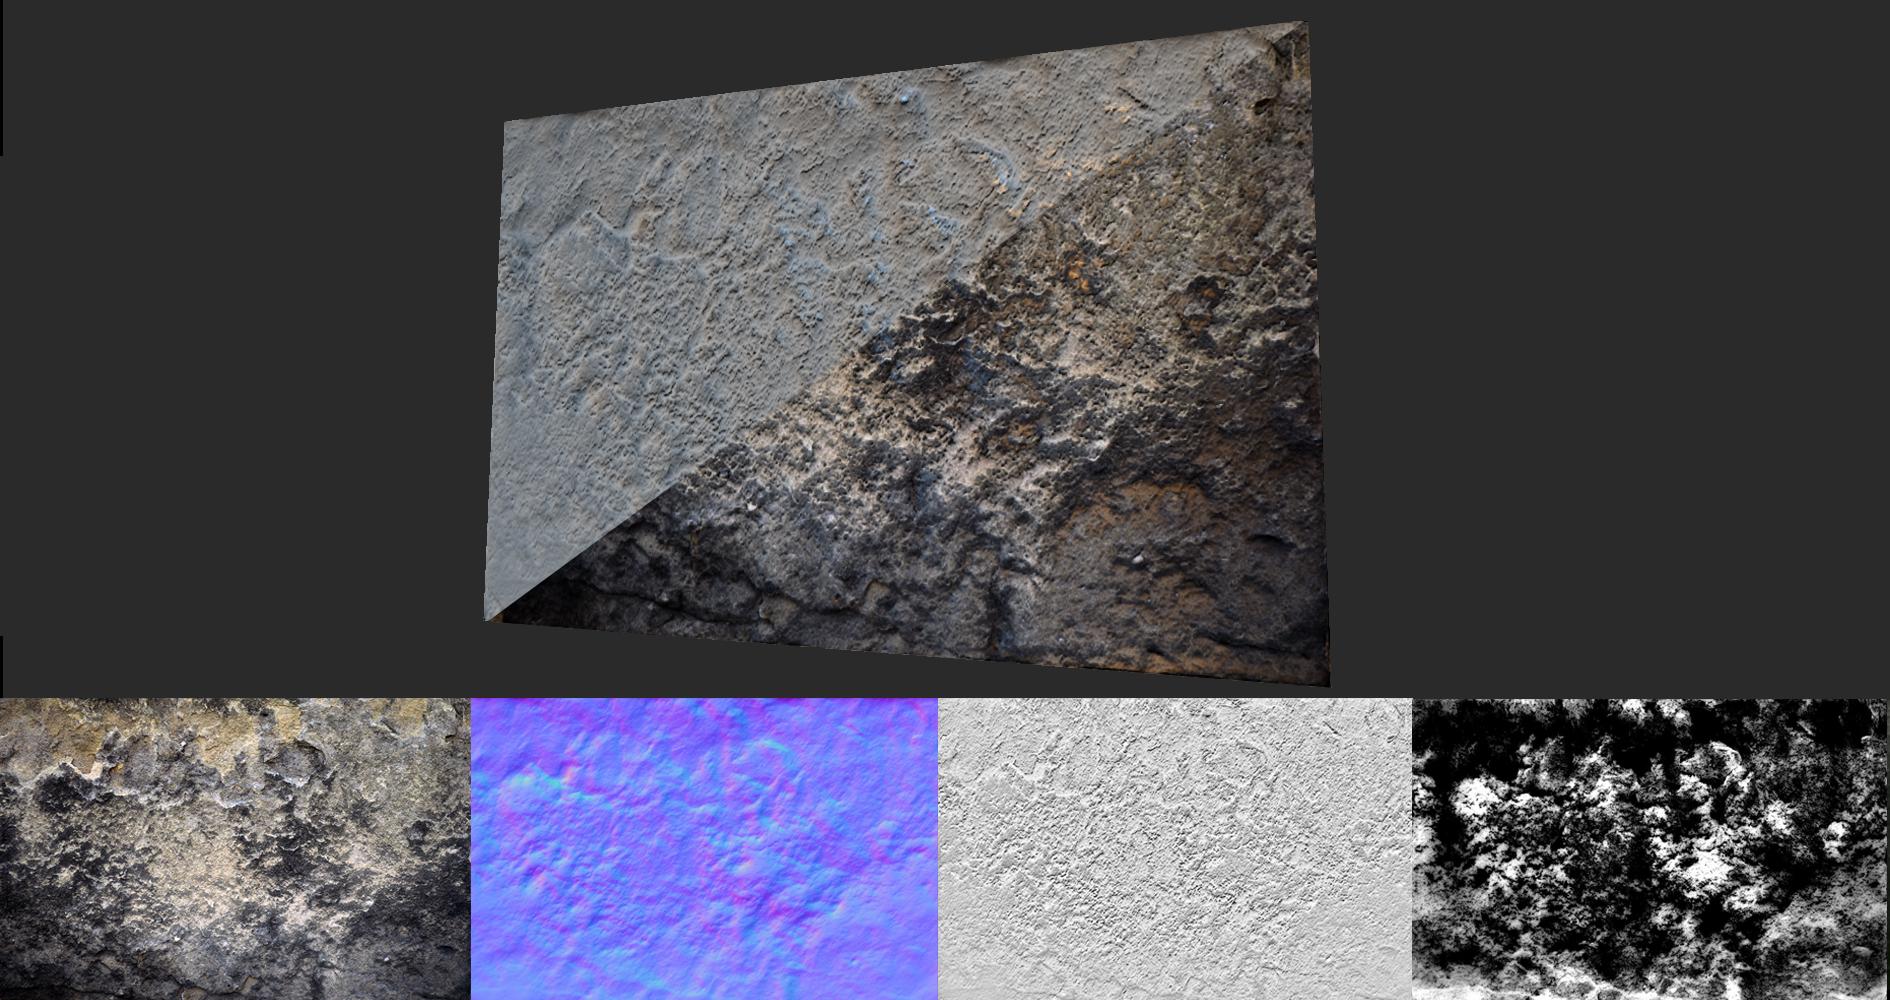 df_wall01_lowtotalv2.jpg